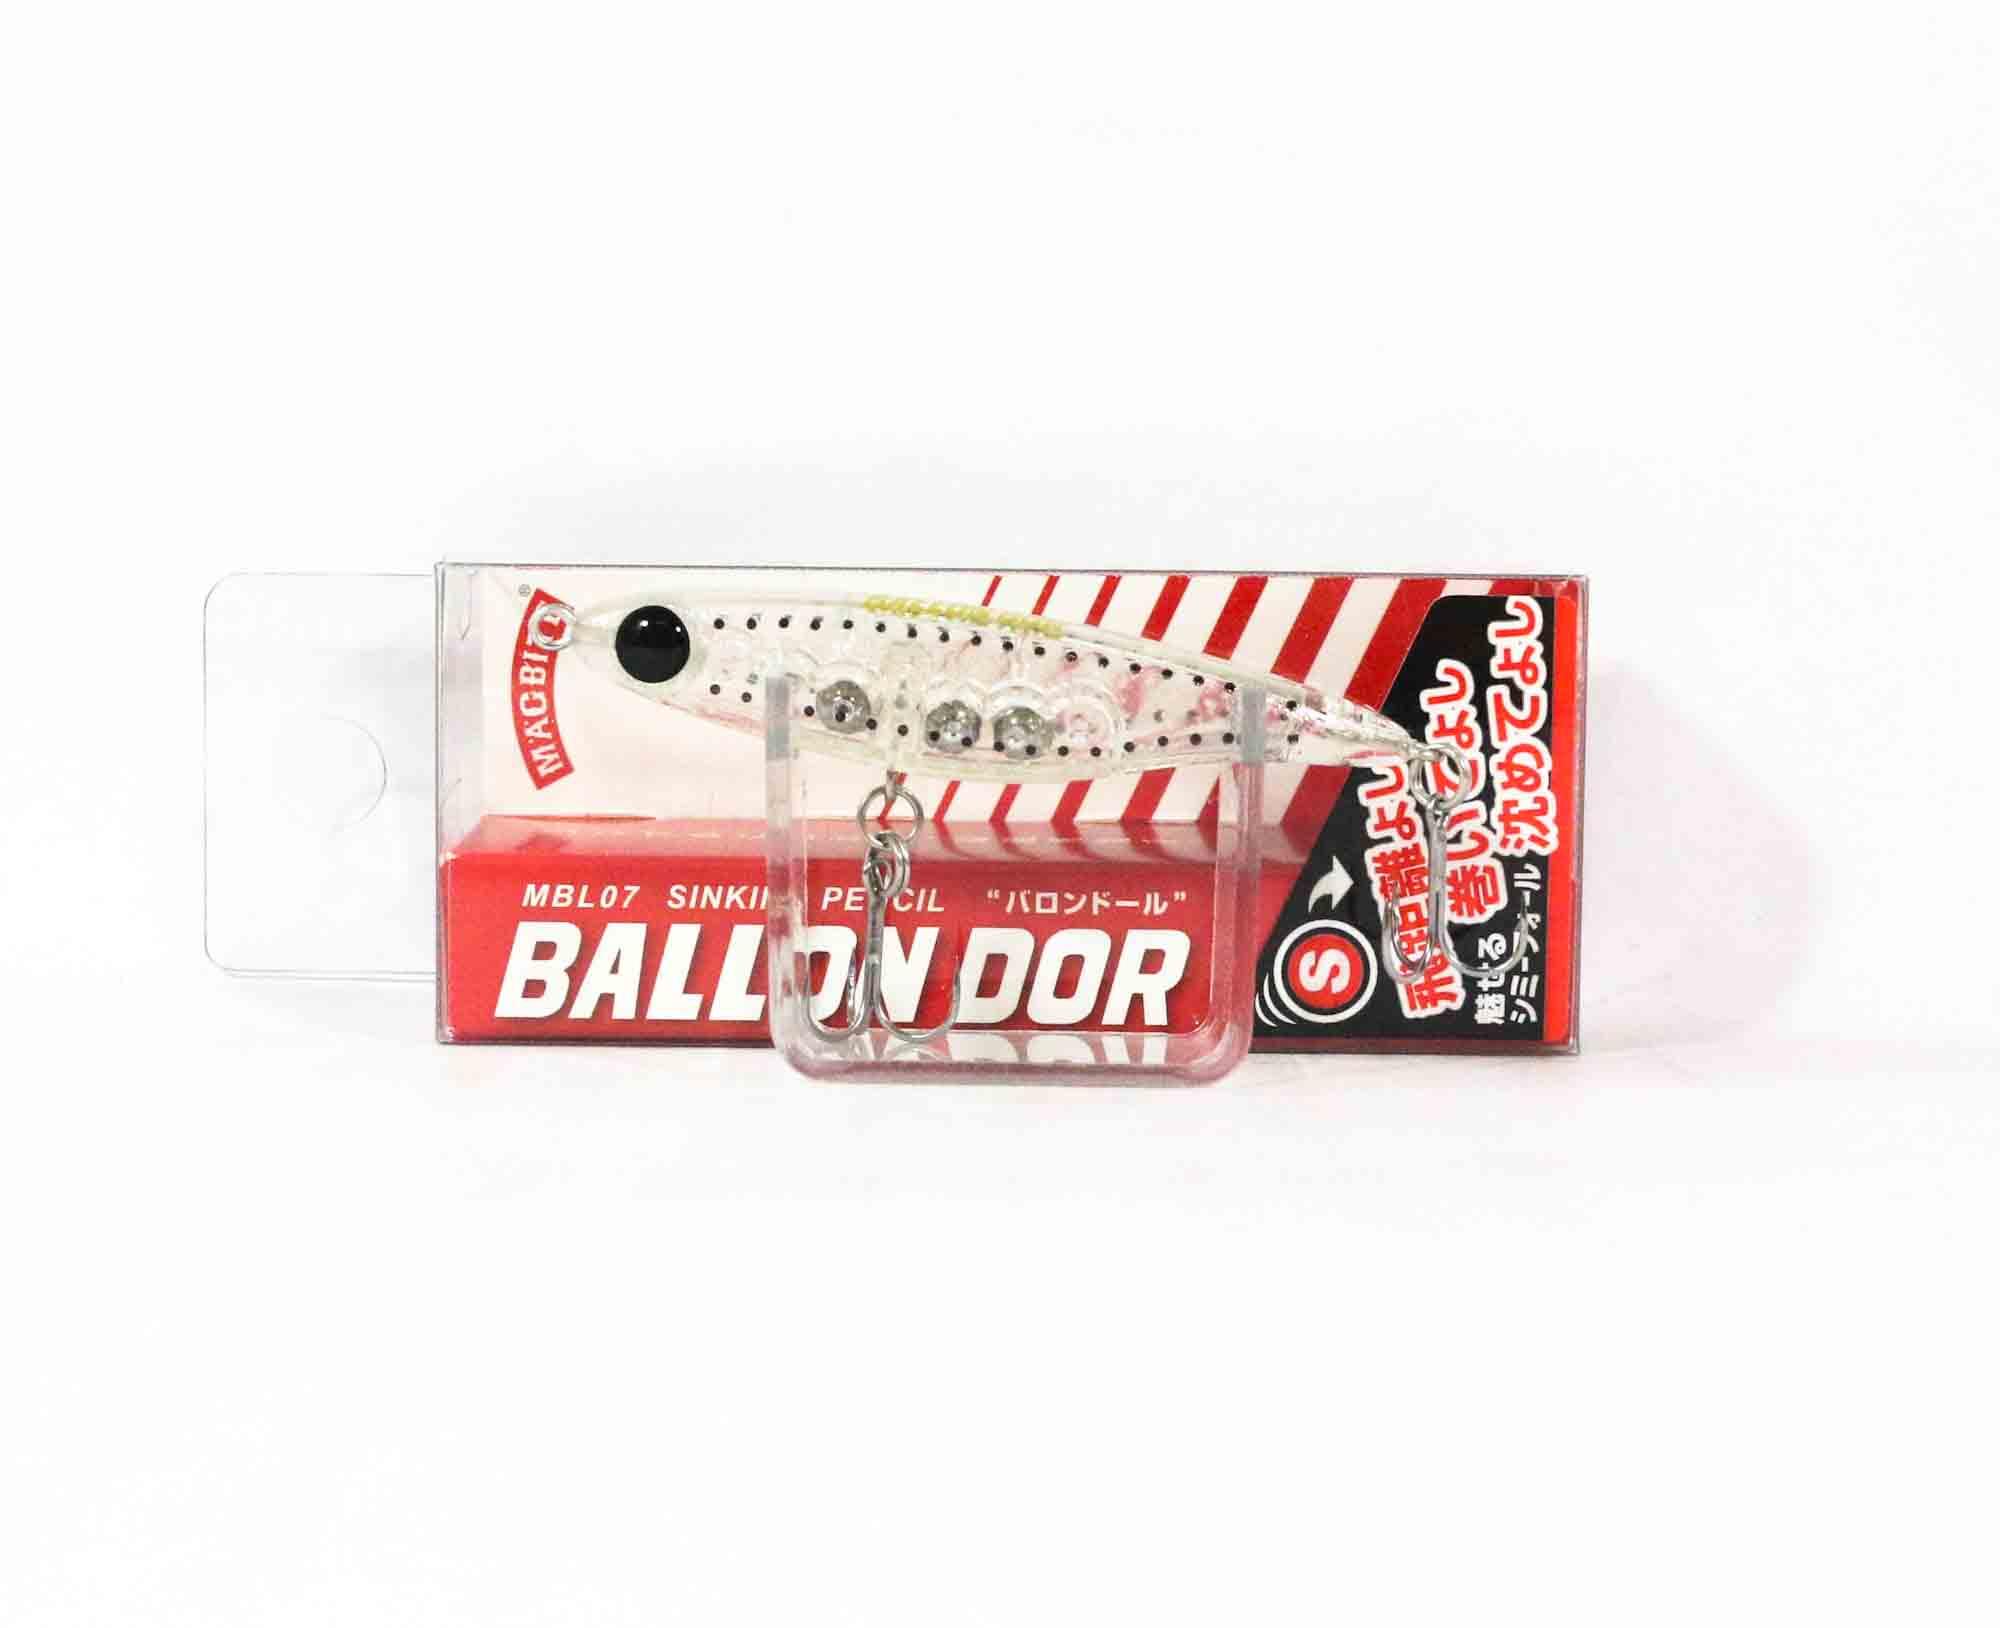 Harimitsu Mag Bite Ballon Dor Sinking Pencil Lure 4 grams (6102)